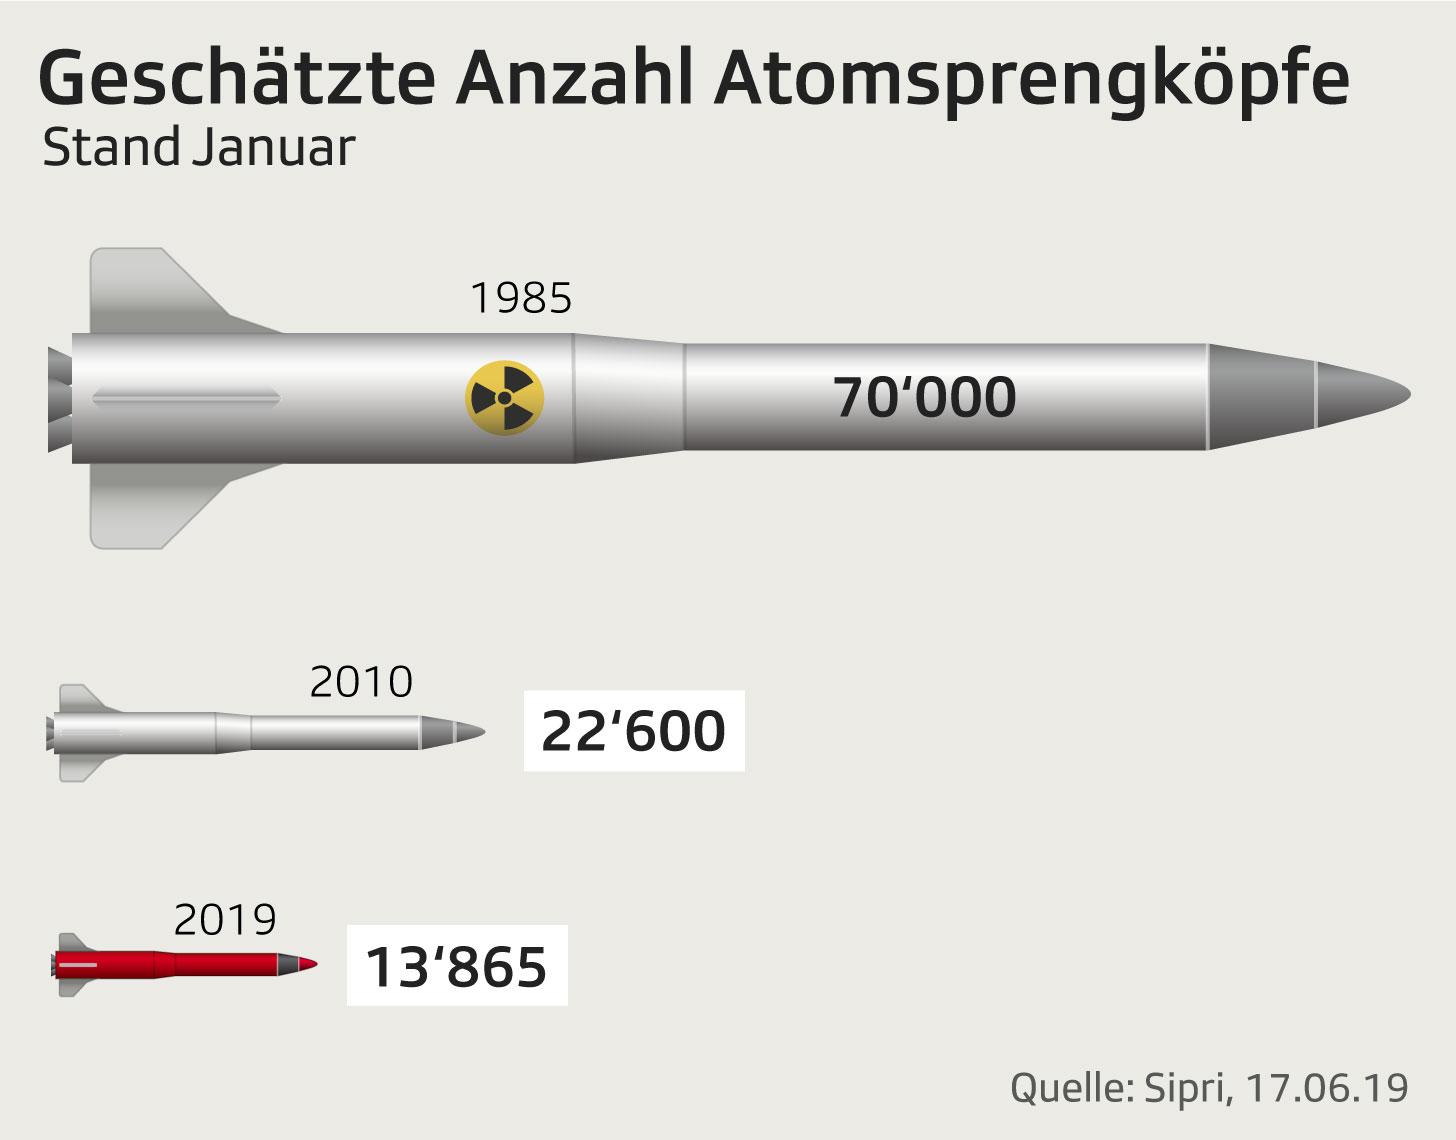 Grafik zeigt Anzahl der Atomsprengköpfe weltweit